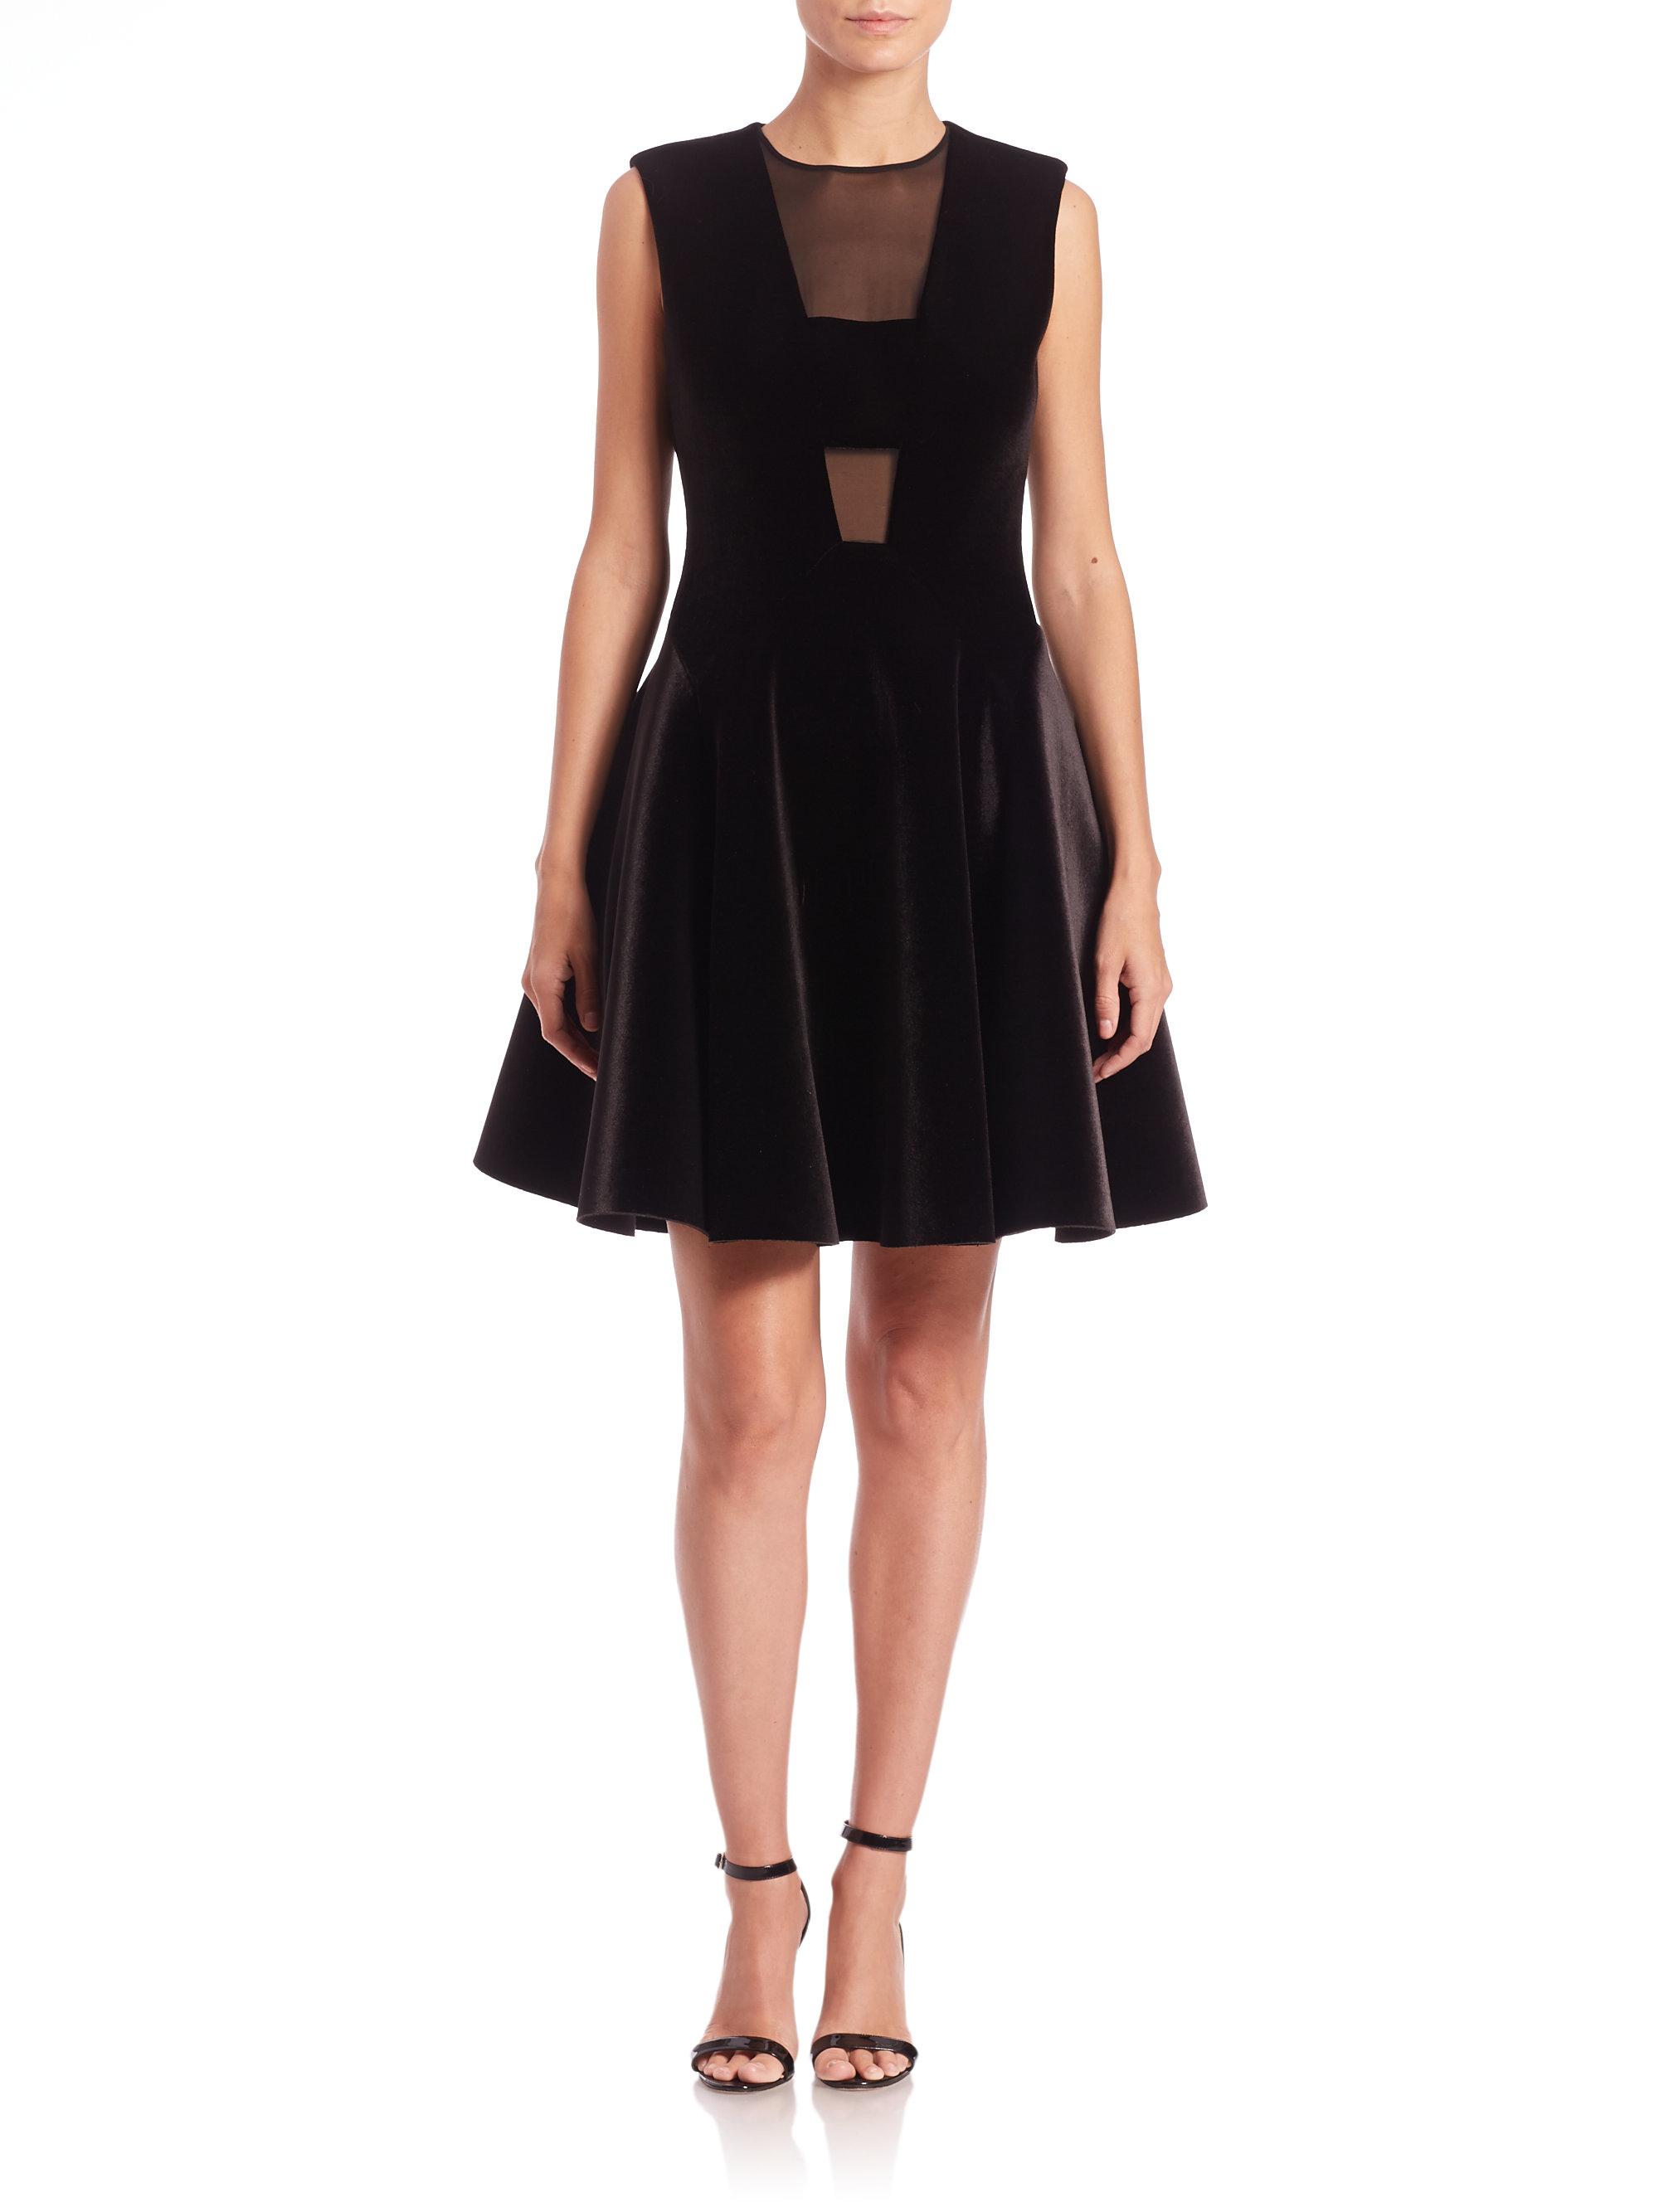 Dkny Velvet Fit Amp Flare Dress In Black Lyst